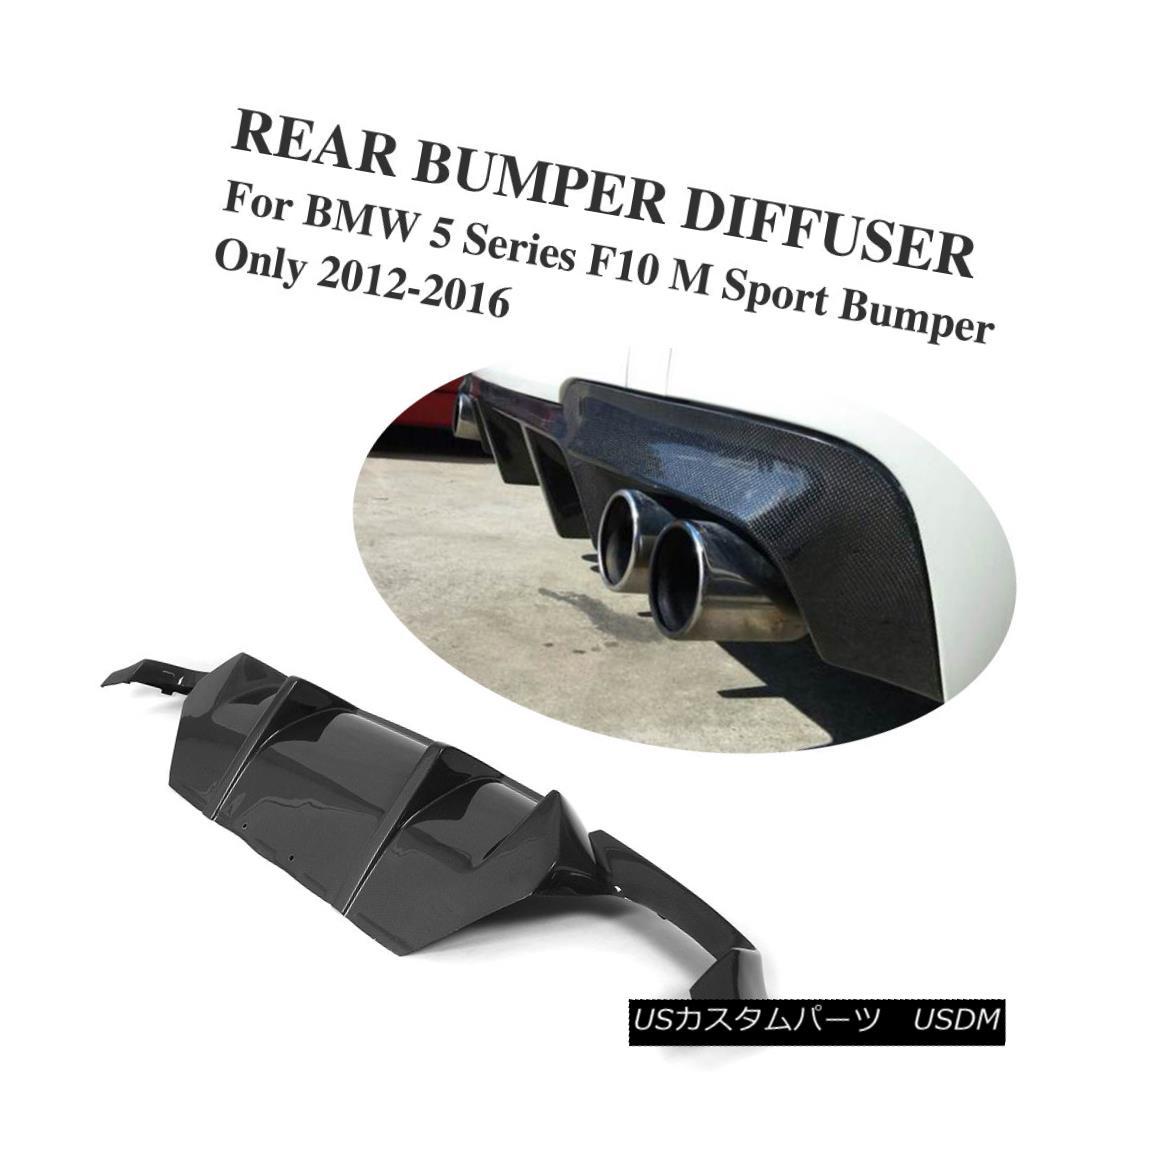 エアロパーツ Carbon Fiber Rear Bumper Diffuser Lower Lip for BMW F10 528i 530i M-Sport 12-16 BMW F10用カーボンファイバーリアバンパーディフューザーロワーリップ528i 530i M-Sport 12-16